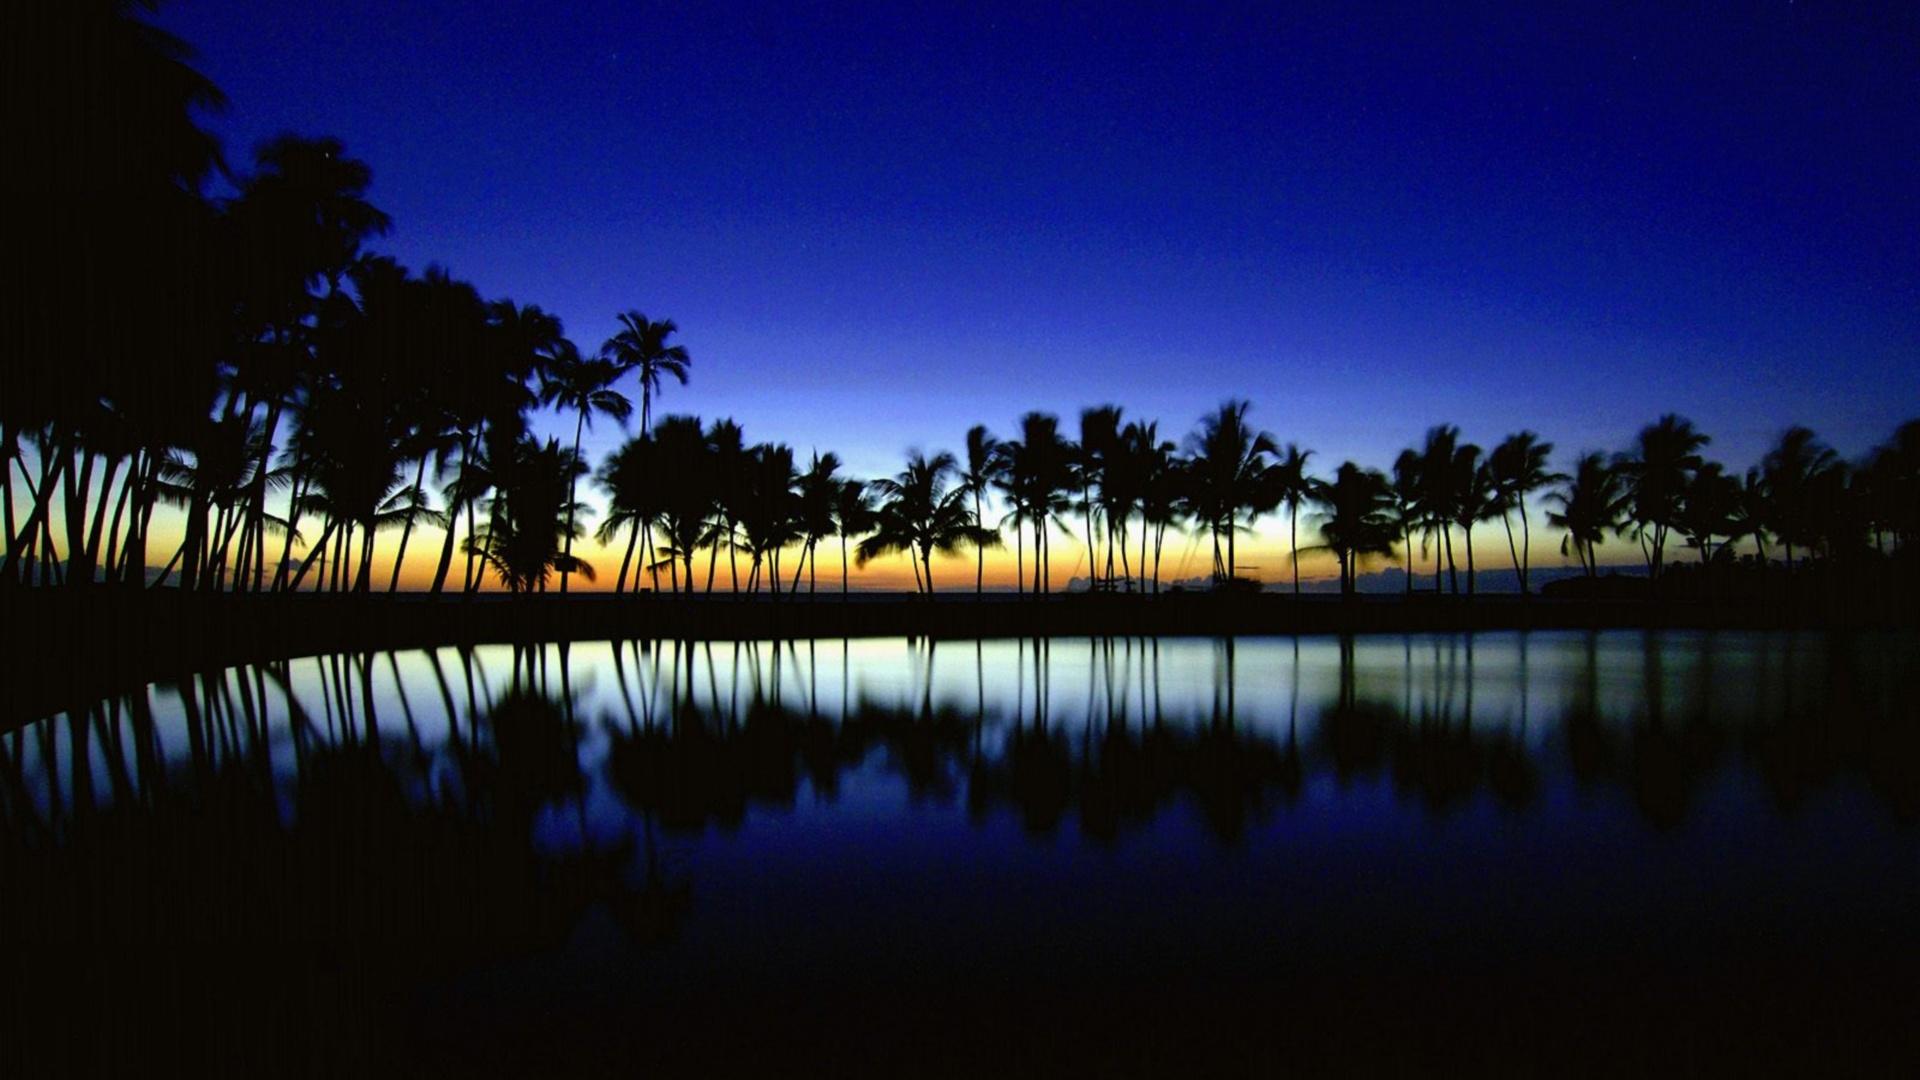 1080p Photo 1080p 4k Blue Nature Sunrise Trees Hd 2811